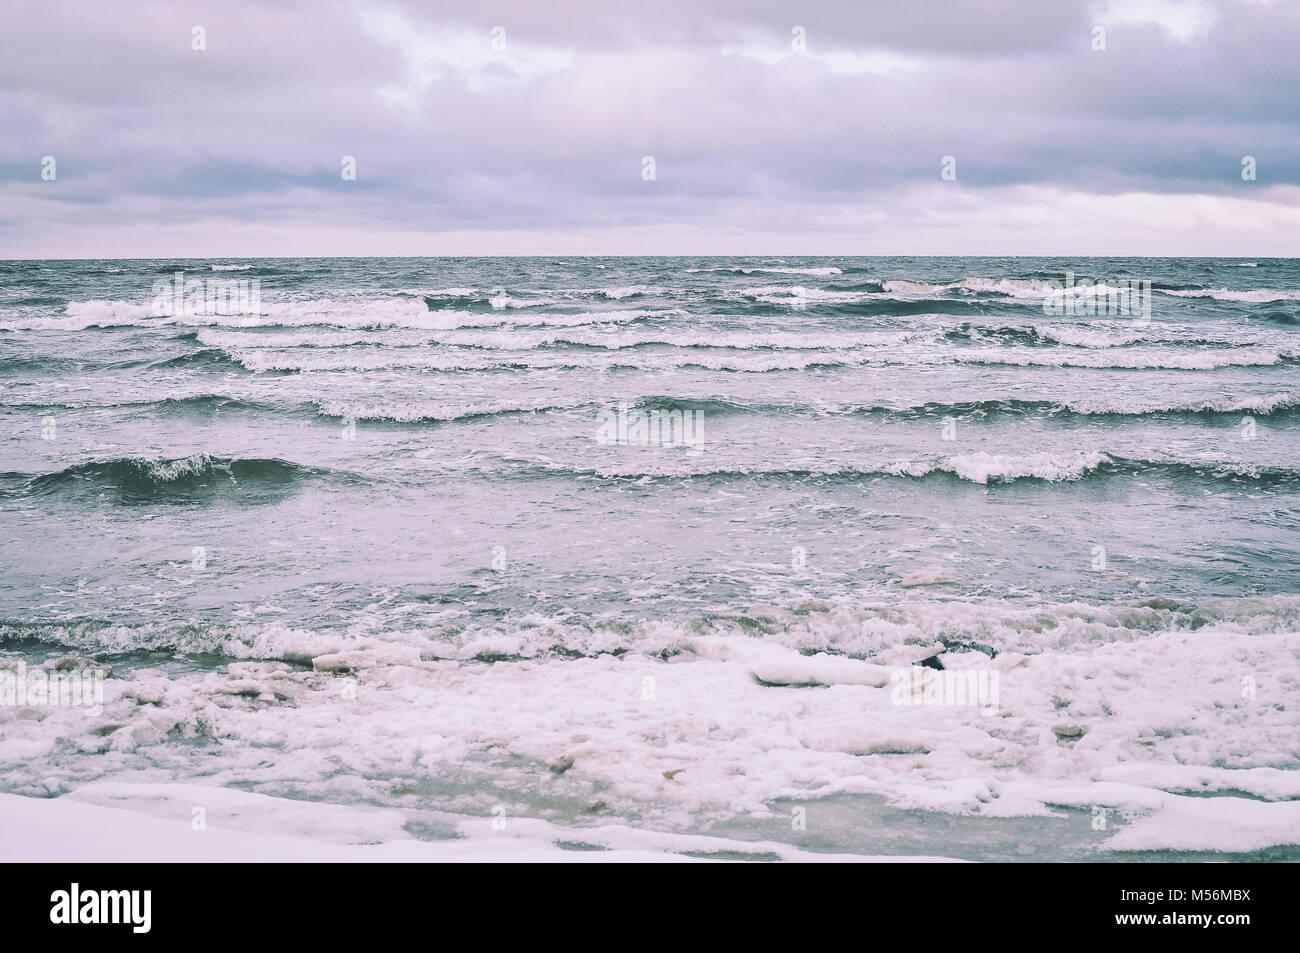 Mar Baltico in inverno. Vento e onde. Immagini Stock